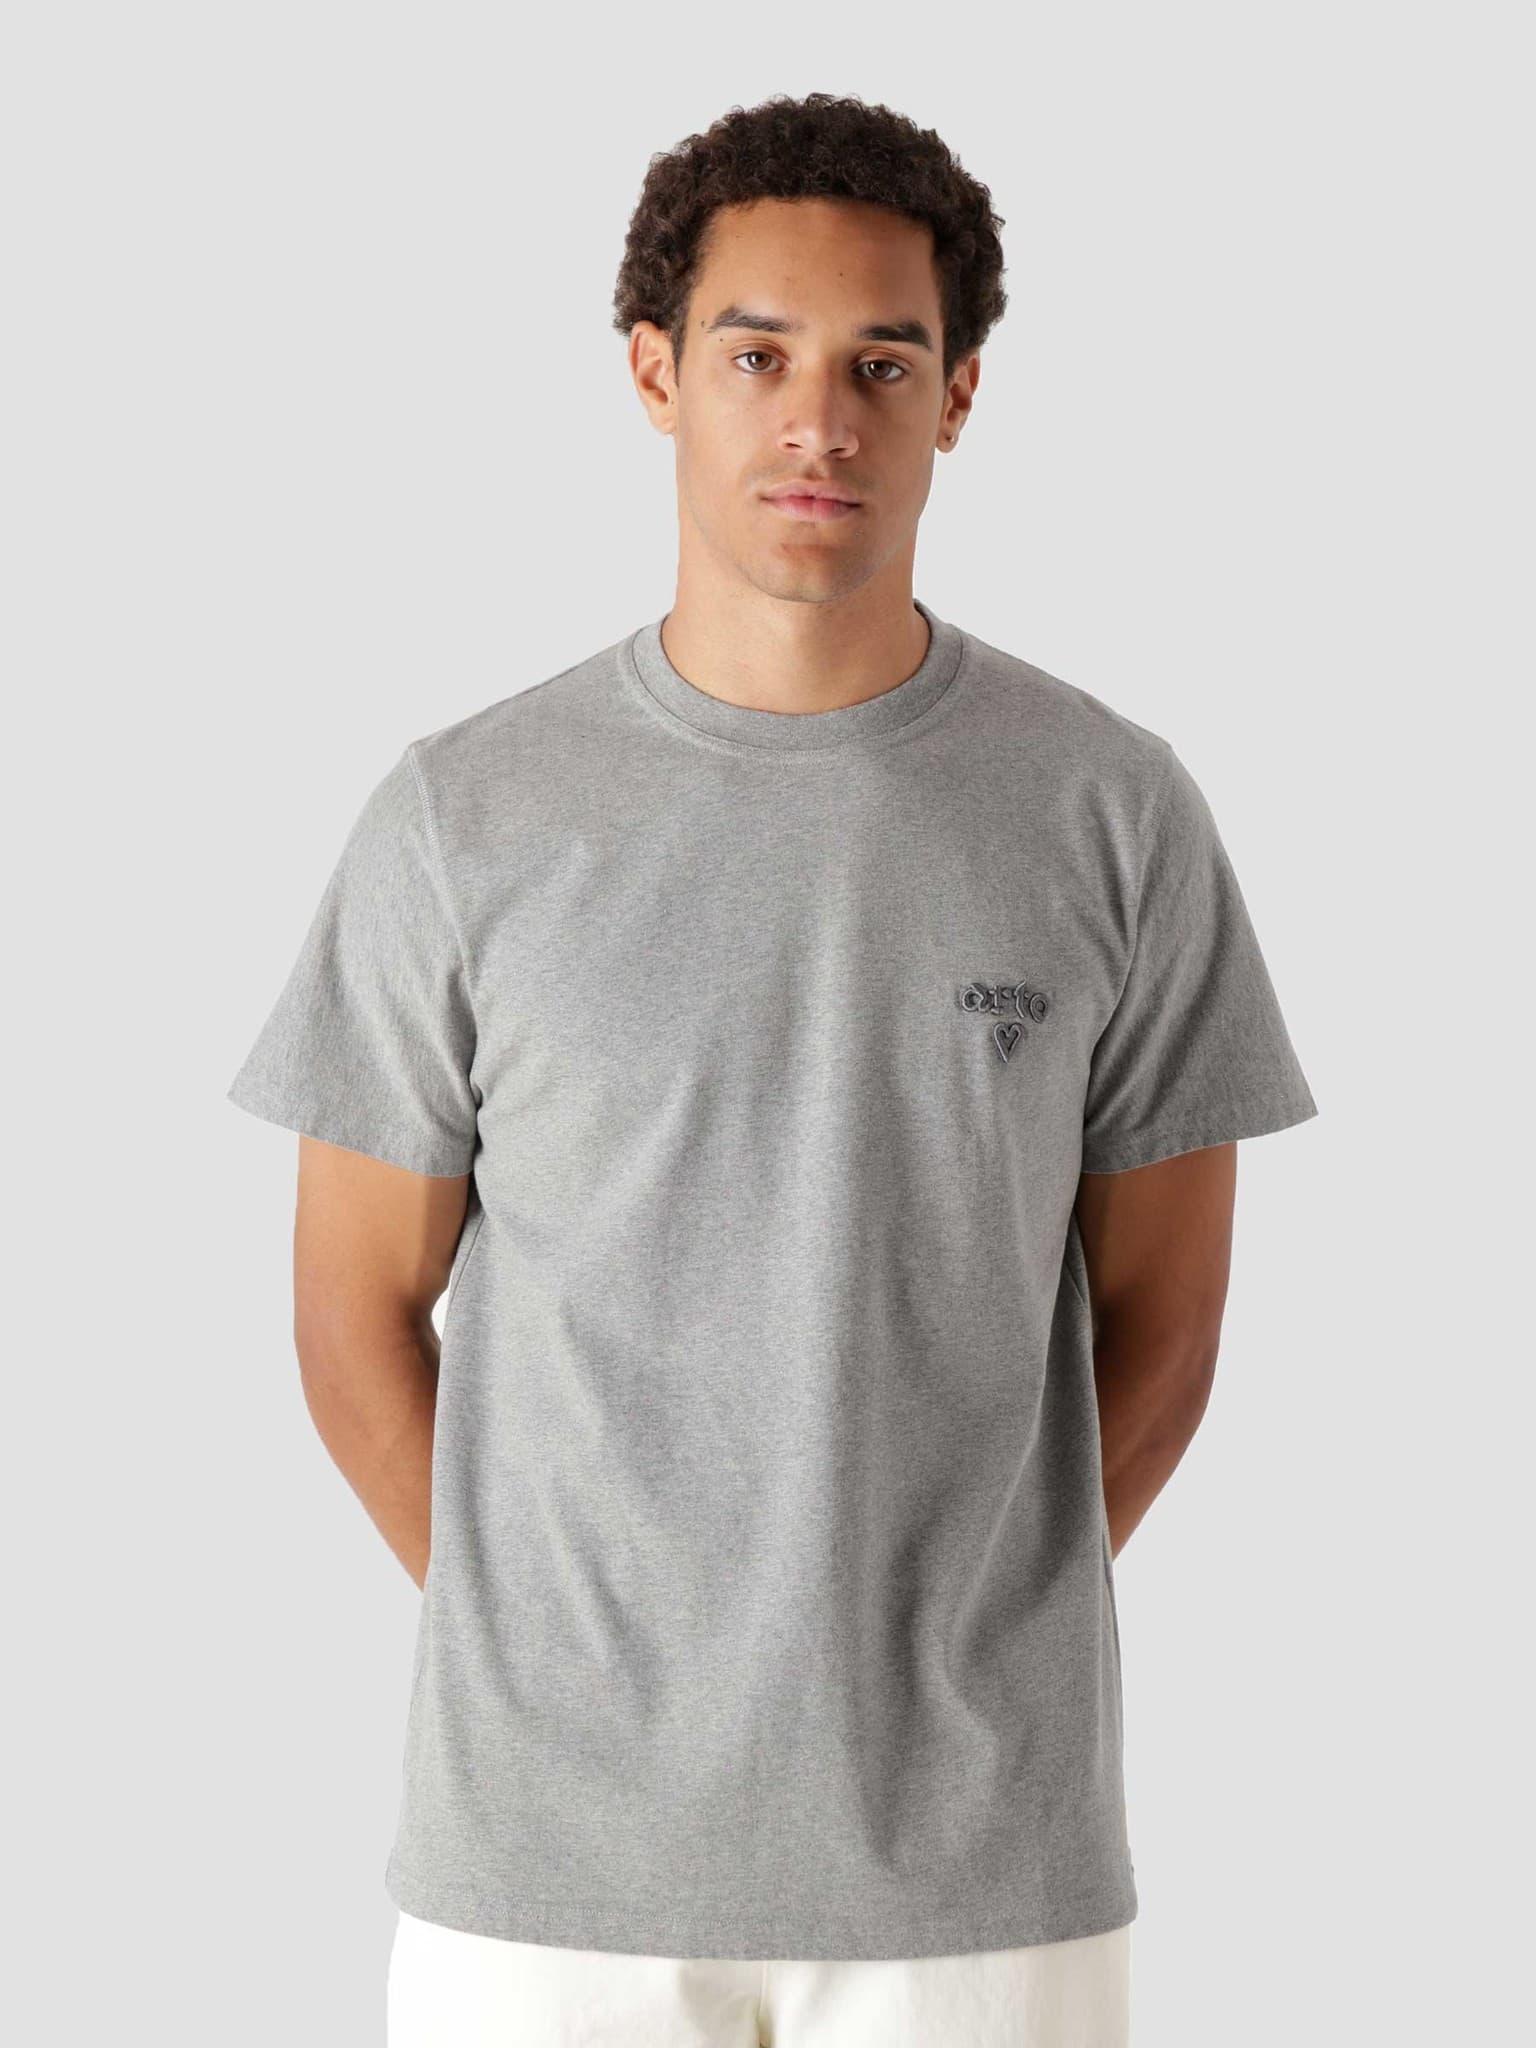 Tissot Heart T-Shirt Grey AW21-067T